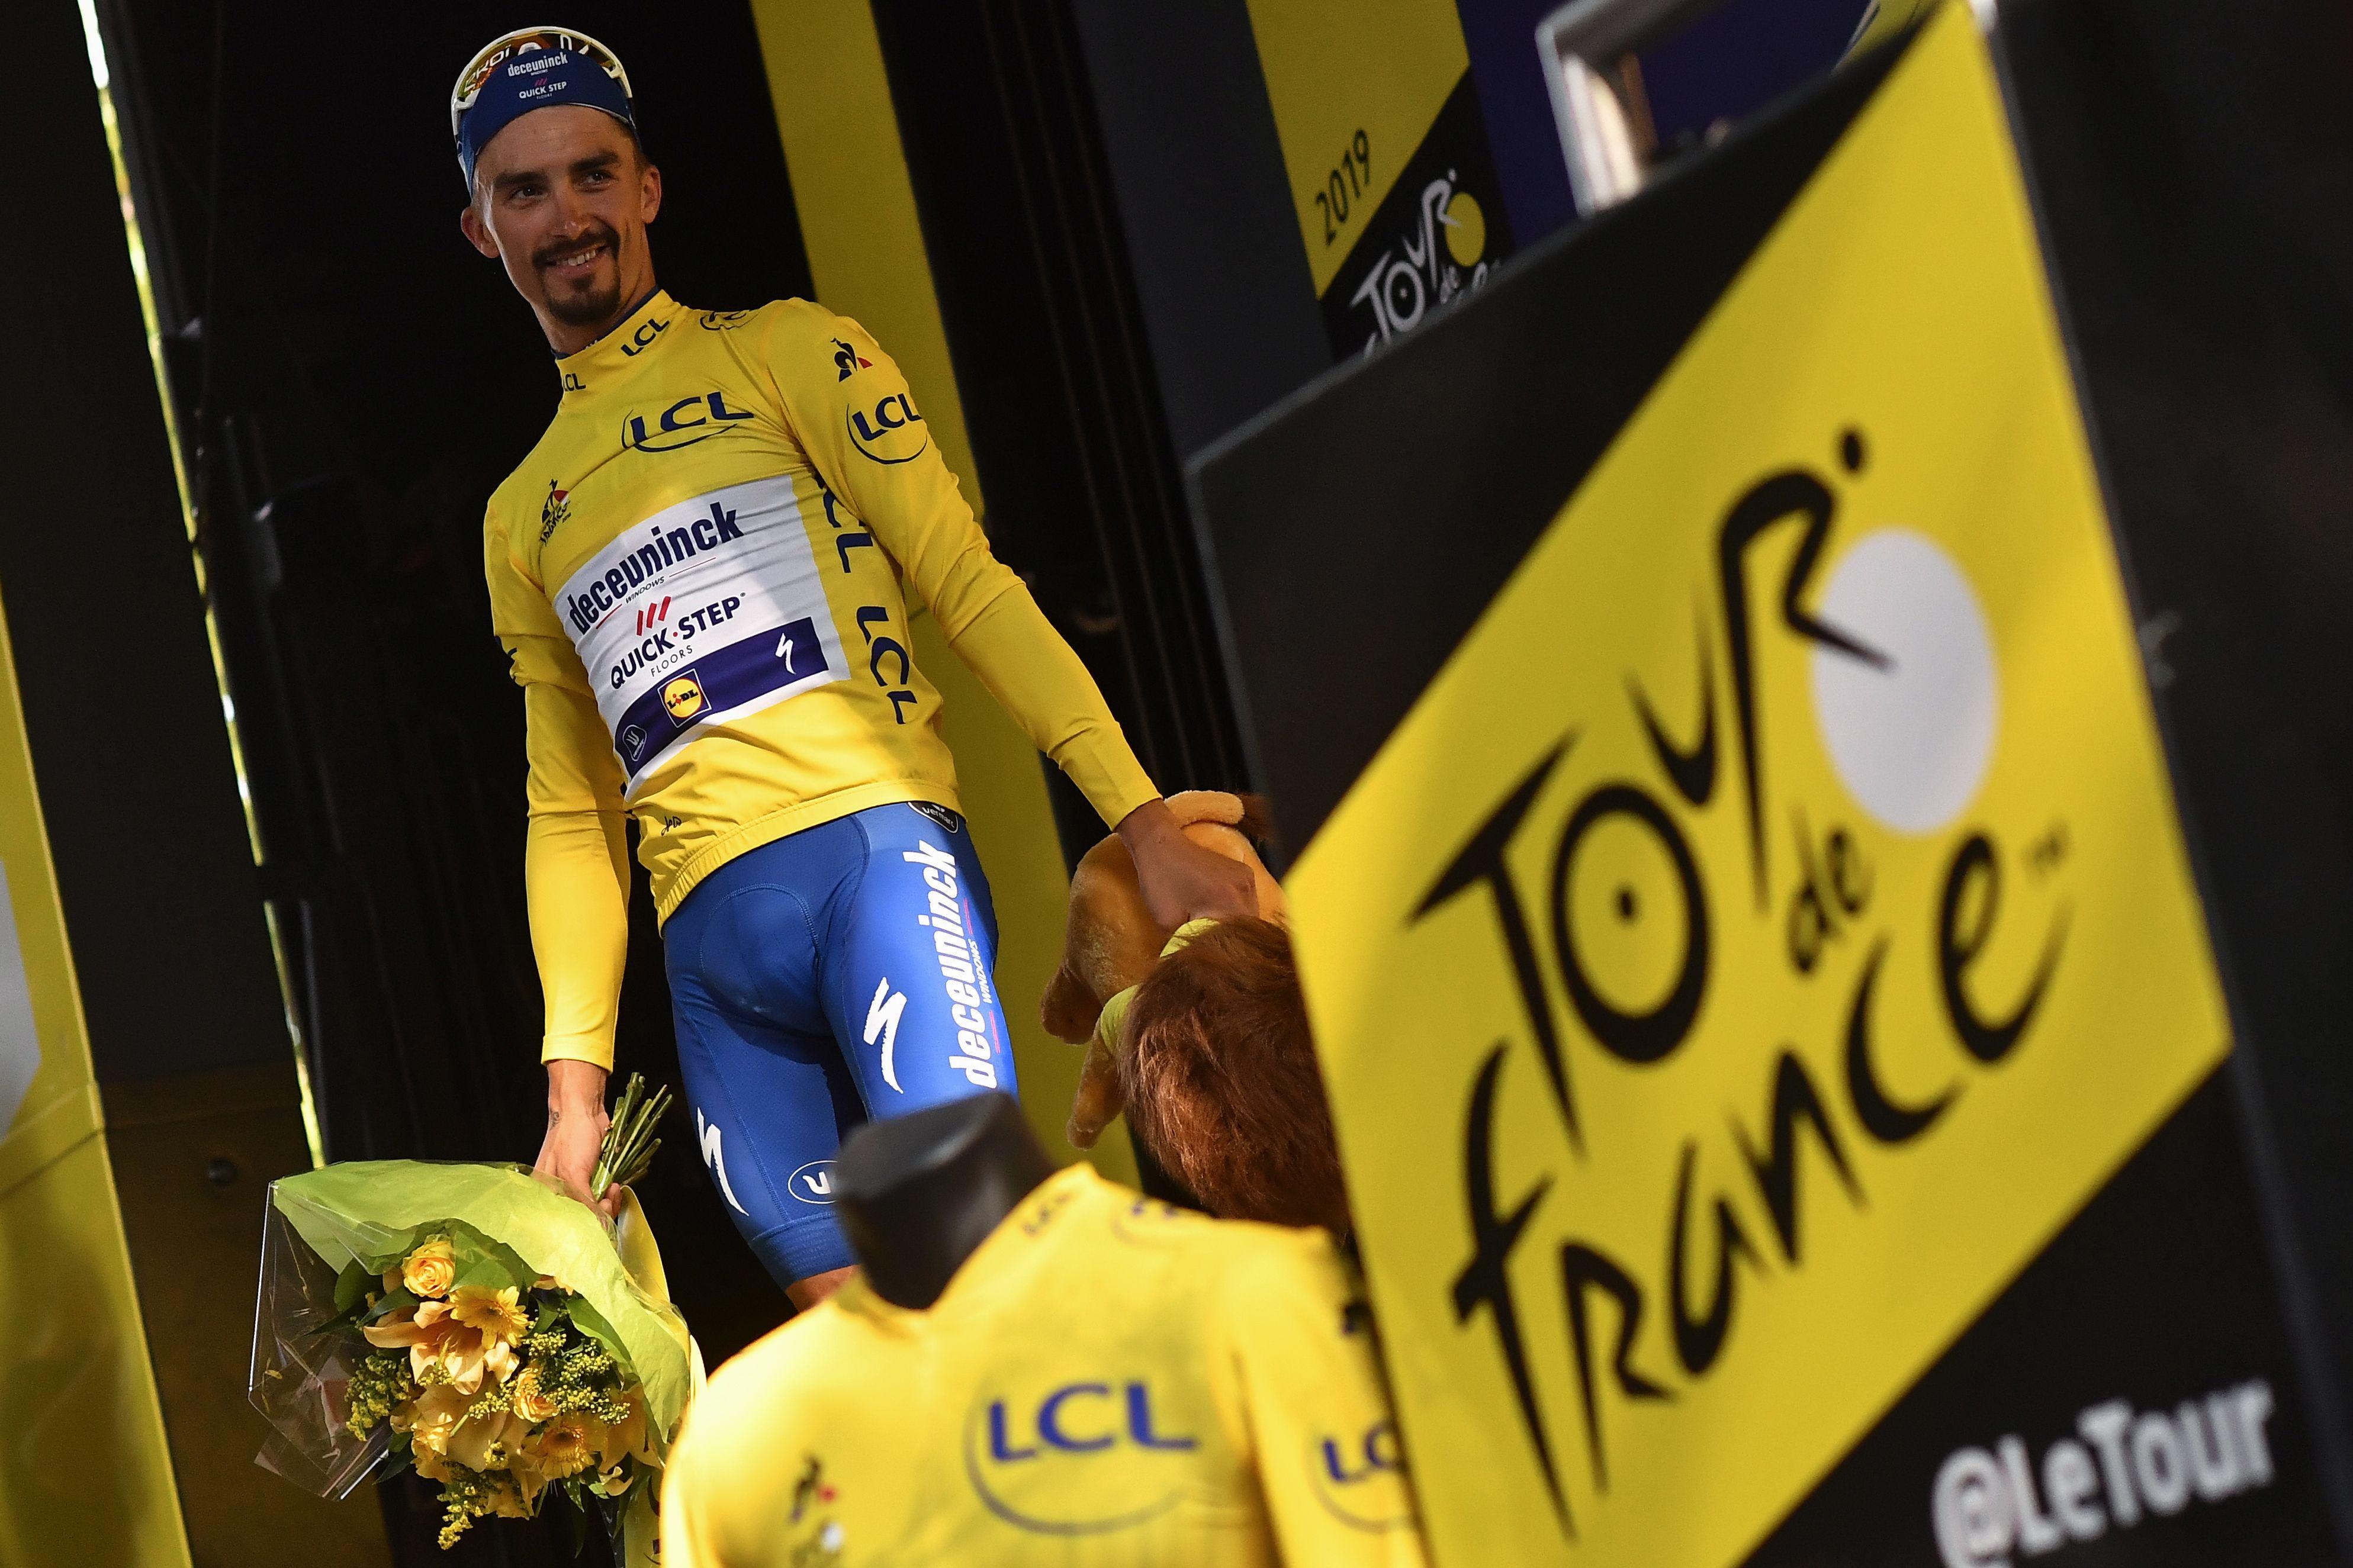 Cyclisme - Tour de France - Tour de France 2019 : Alaphilippe, Ineos, Pinot... 5 raisons de suivre la 13e étape